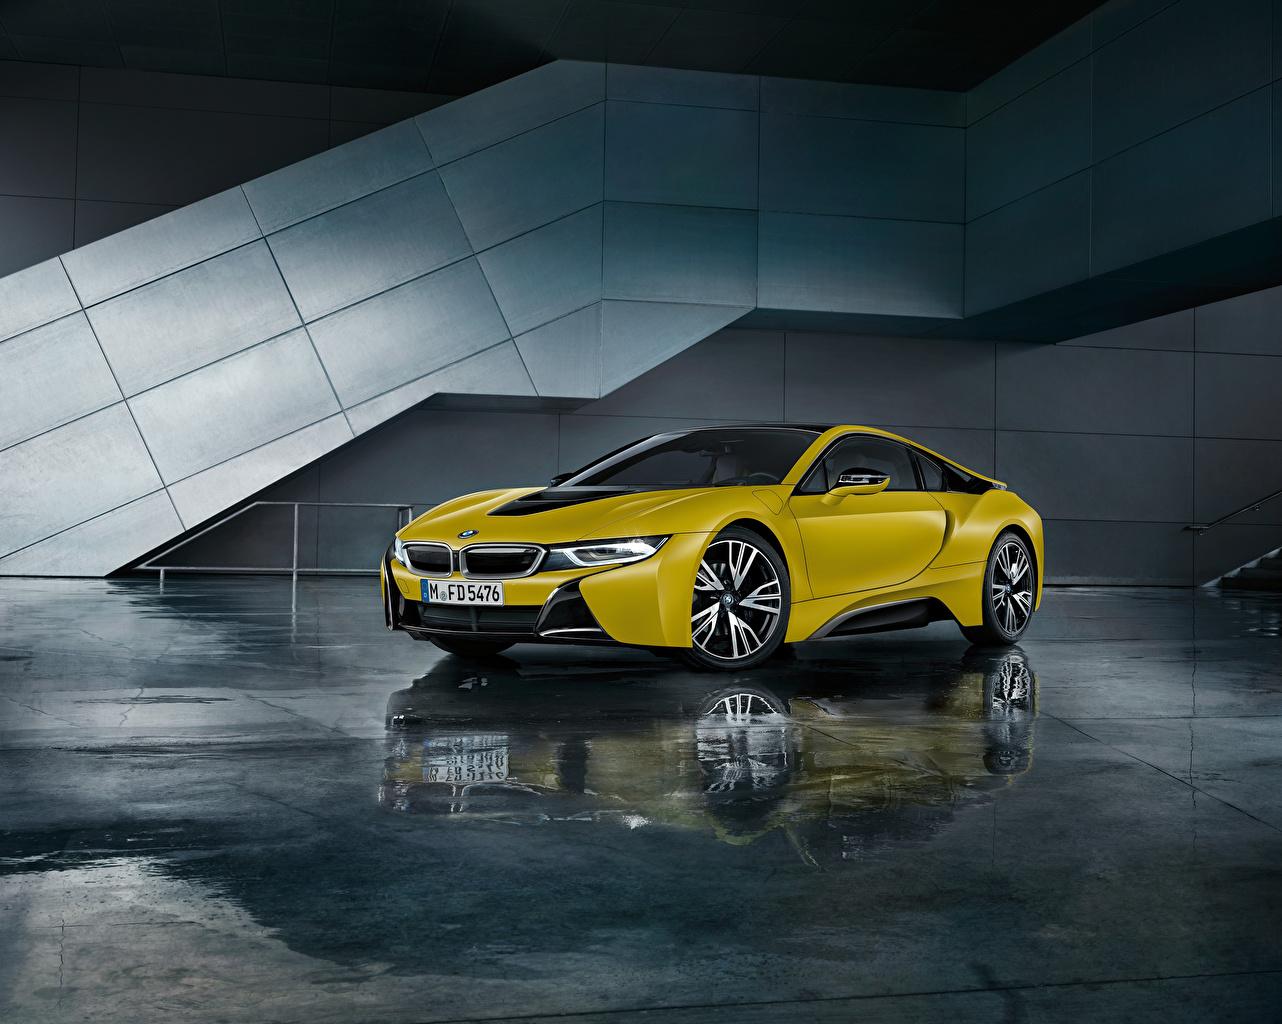 Fotos von BMW 2017 i8  Frozen Yellow Edition Gelb spiegelt auto Reflexion Spiegelung Spiegelbild Autos automobil